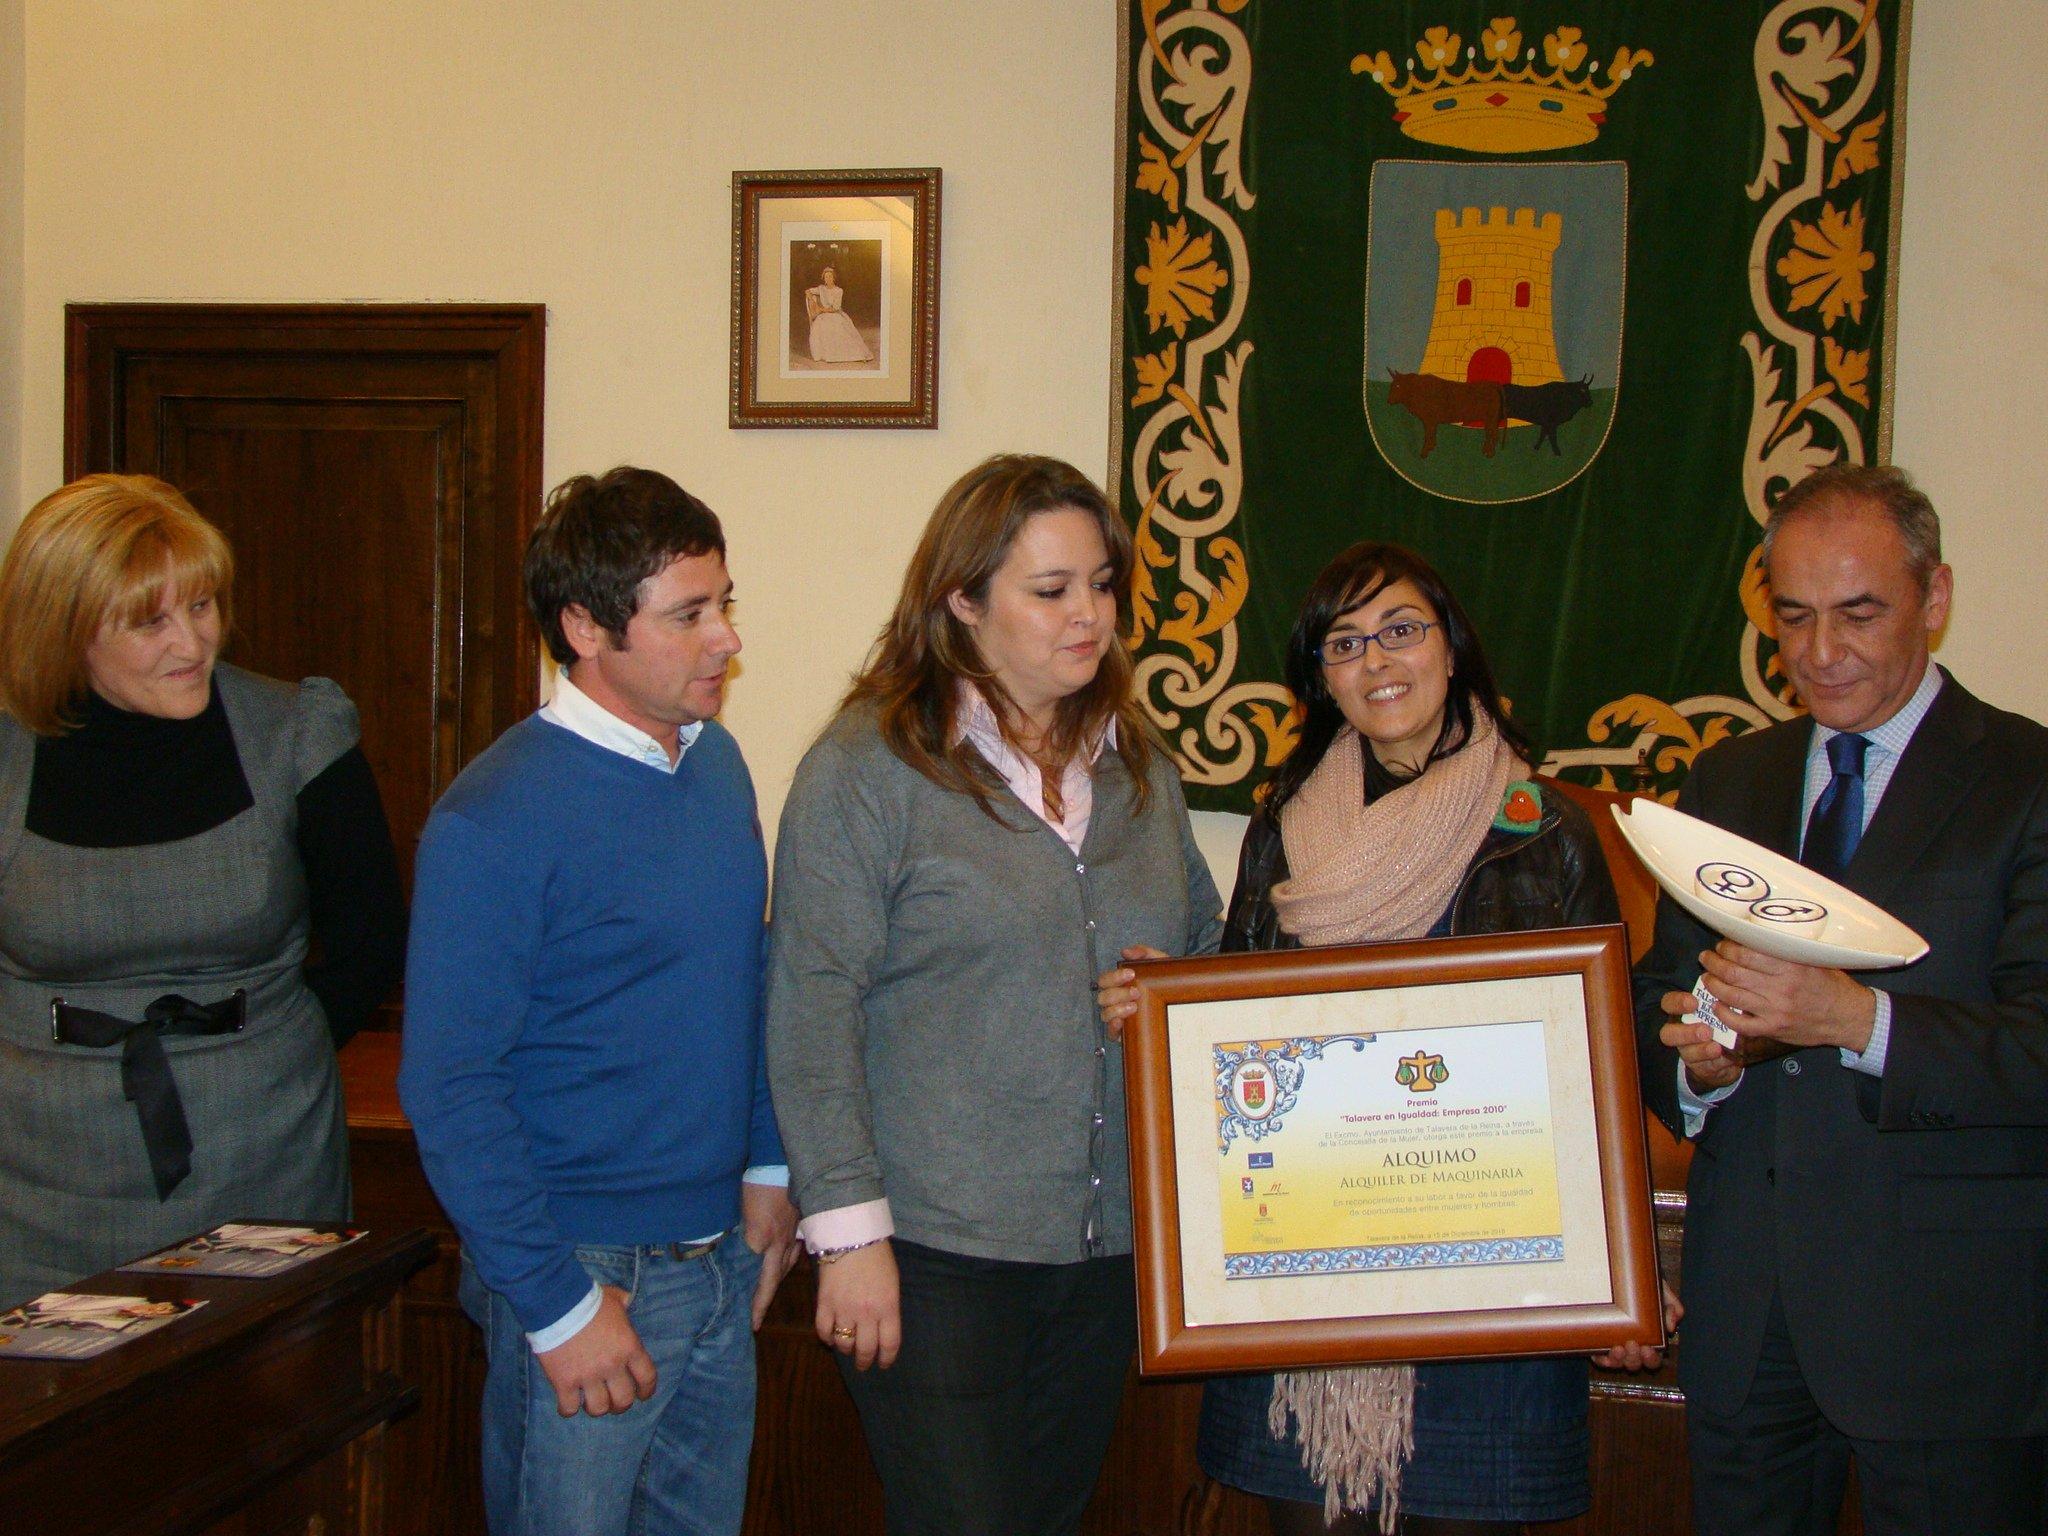 Alquimo alquiler de maquinaria obtiene el premio Talavera en Igualdad: Empresa